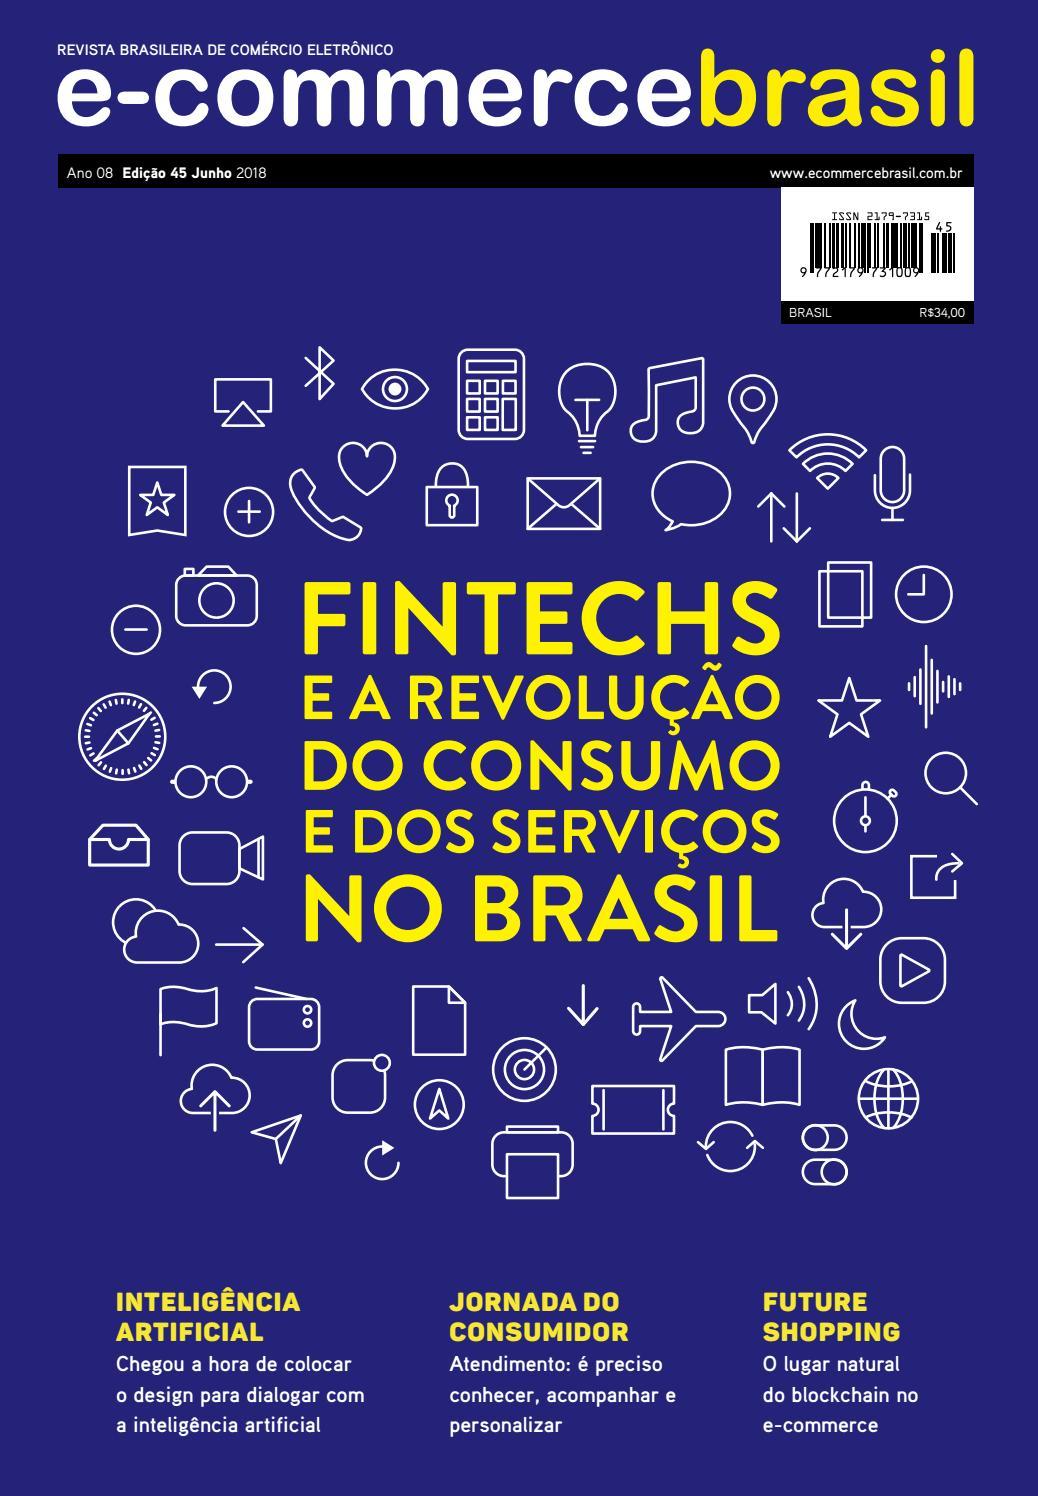 Fintechs e a revolução do consumo e dos serviços no Brasil by E-Commerce  Brasil - issuu 6e037fbb9d